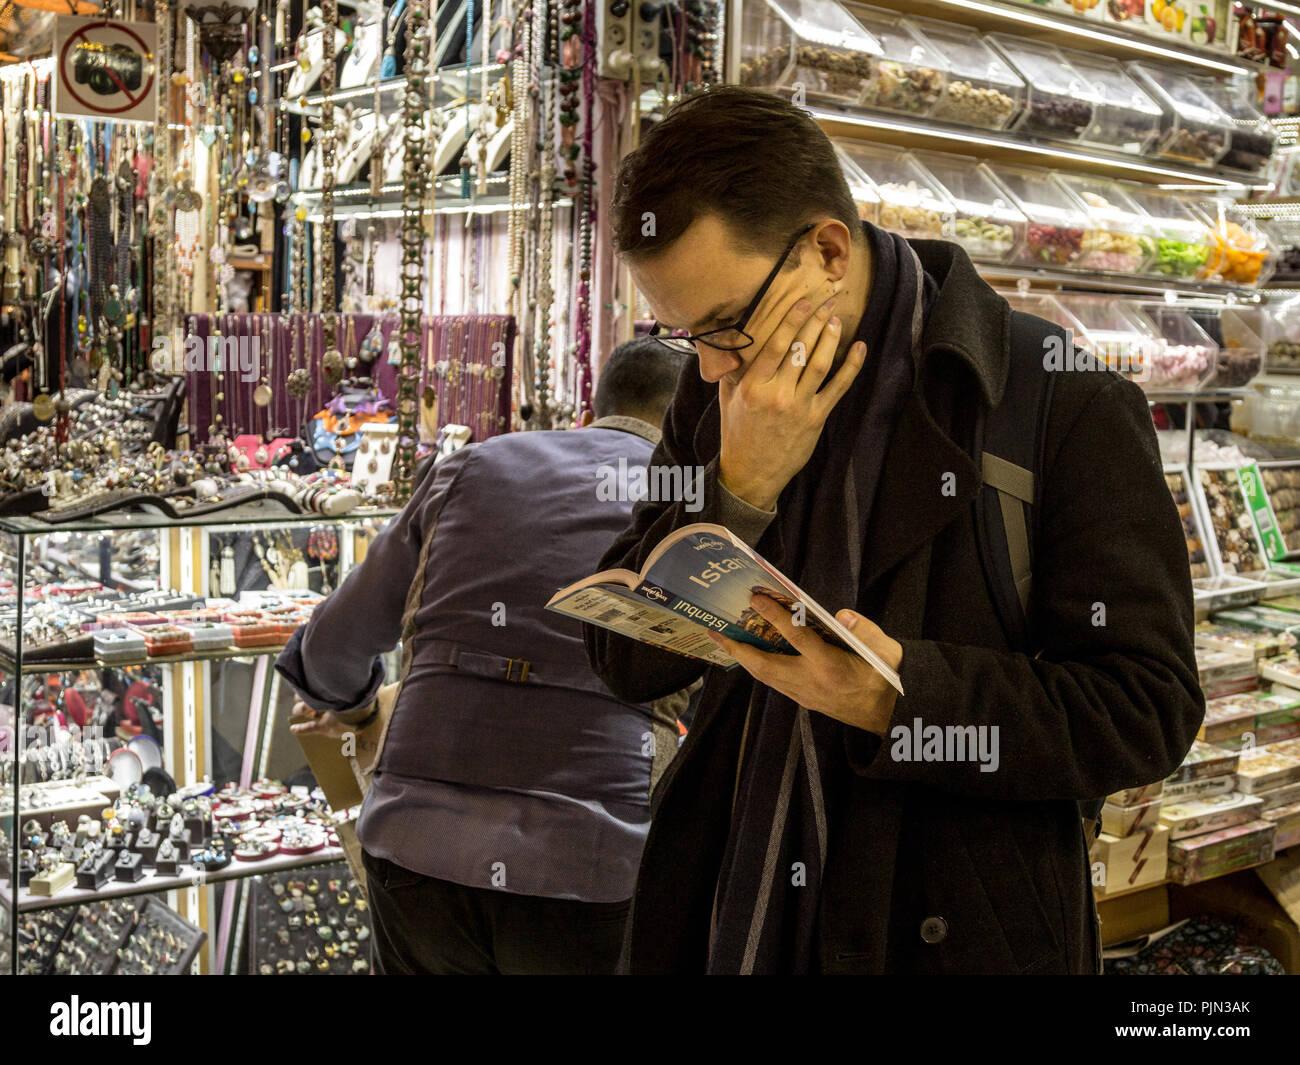 ISTANBUL, Türkei - 28 Dezember, 2015: verloren und verwirrt touristische Lesen der Istanbul Edition der touristische Reiseführer Lonely Planet in Kapalicarsi, Th Stockbild